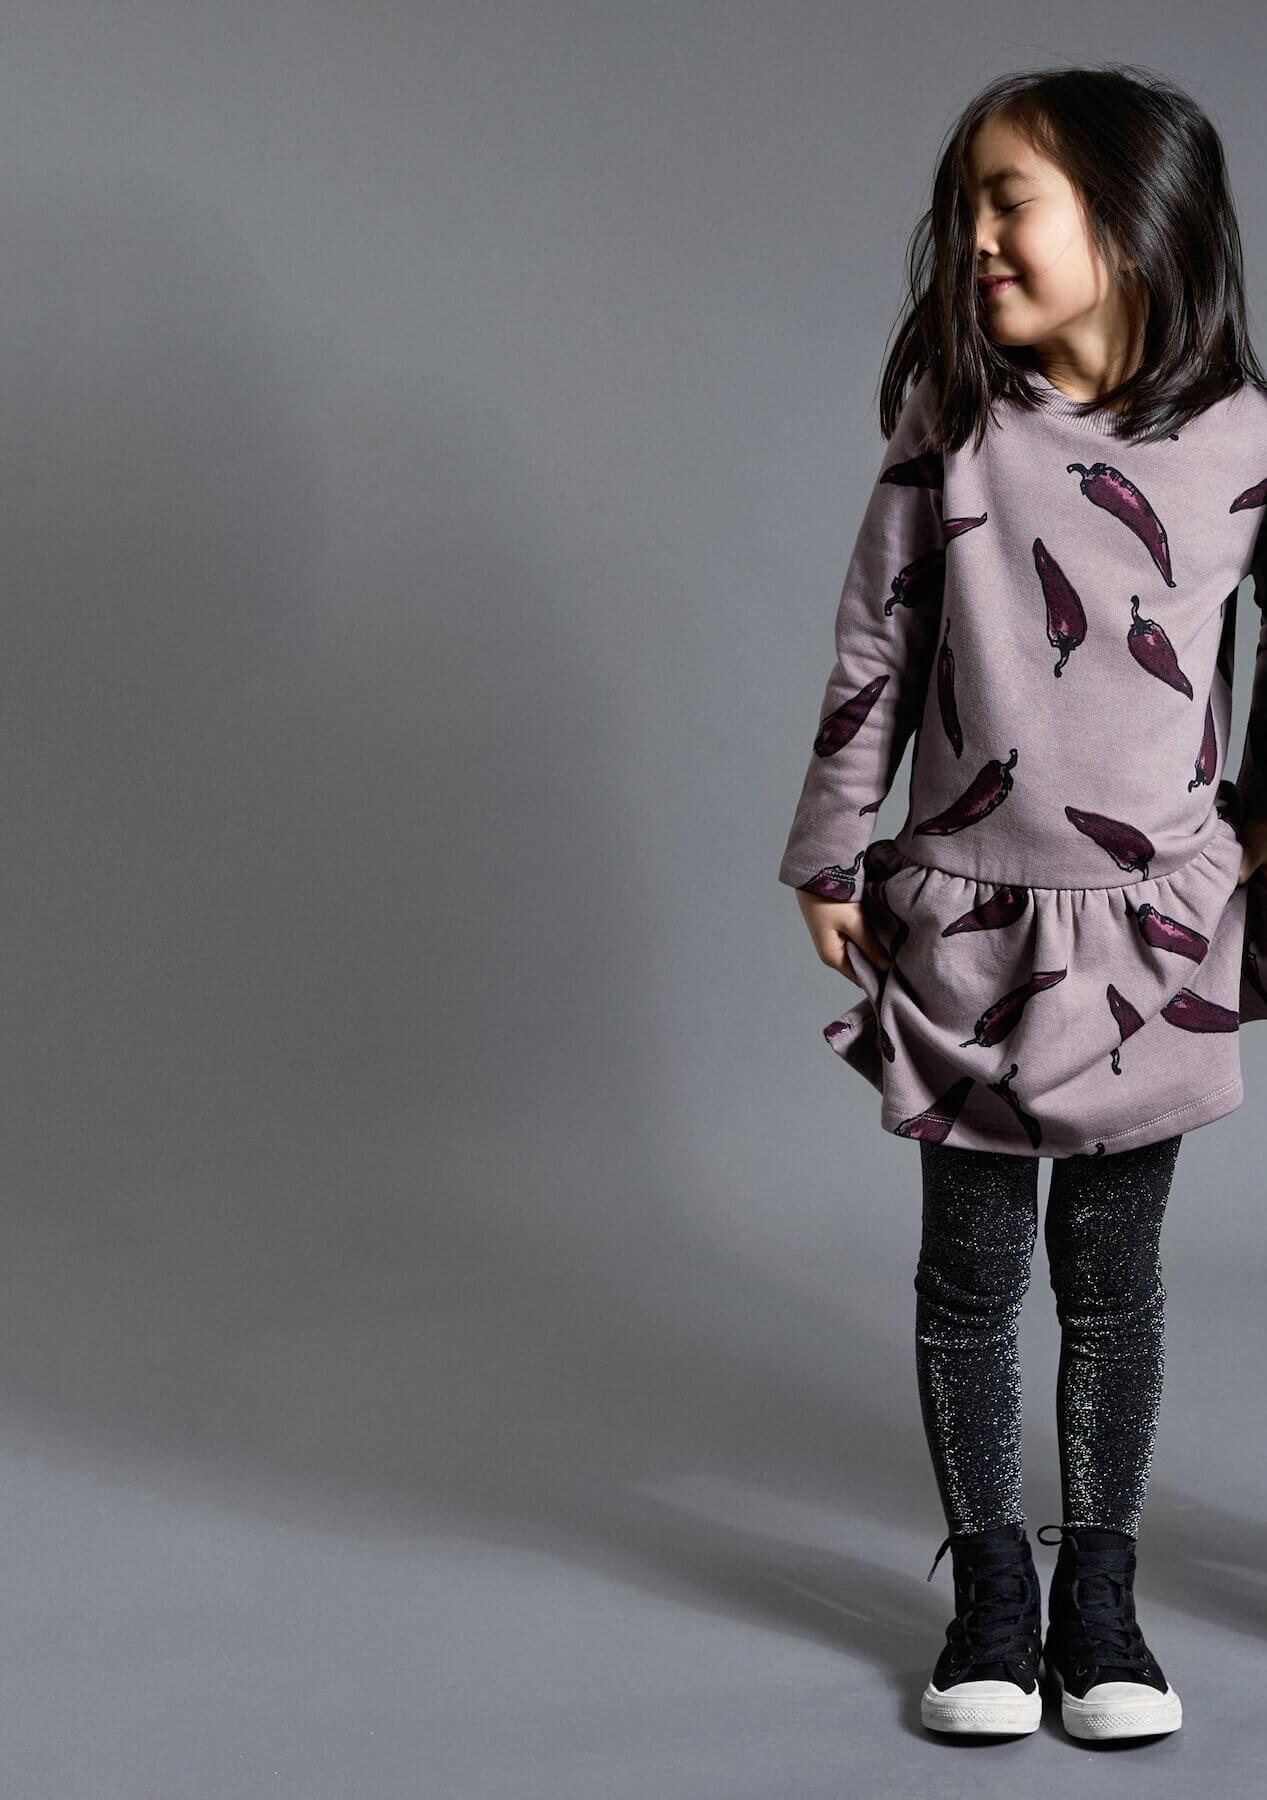 rose children dress